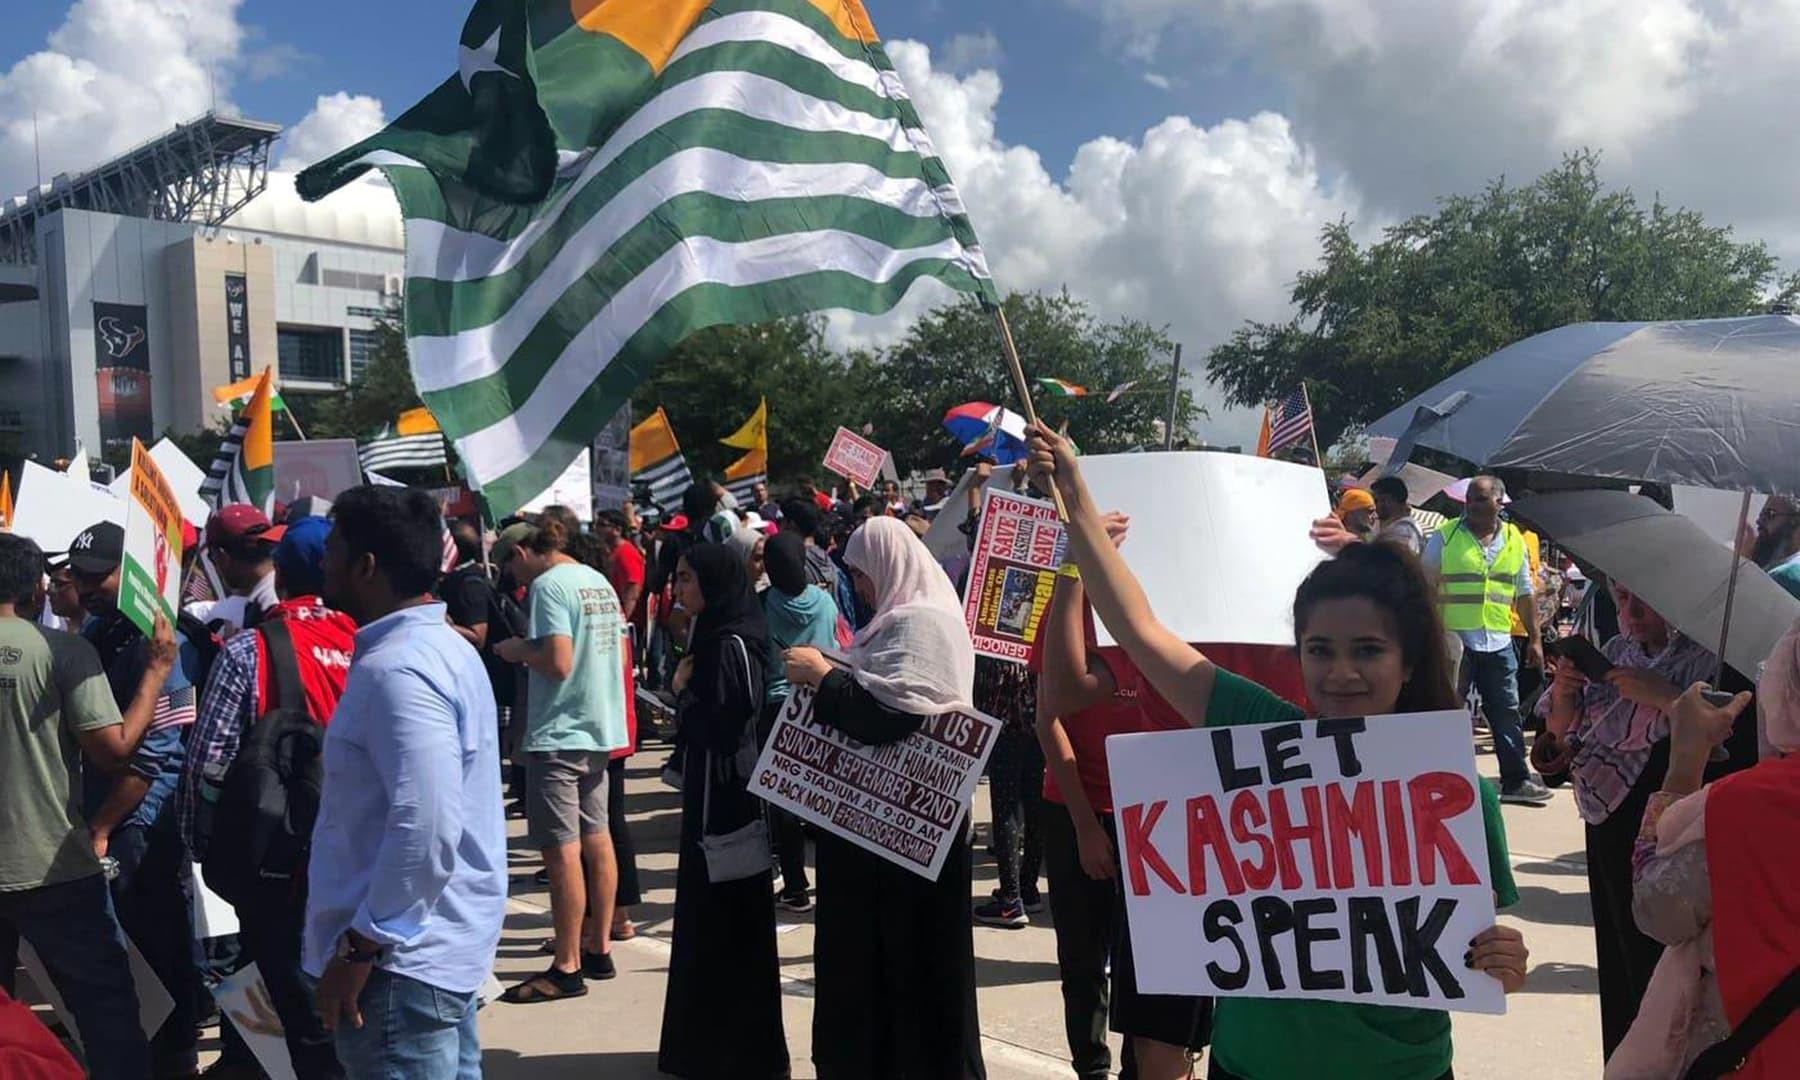 مظاہرین نے مقبوضہ جموں و کشمیر میں انسانی حقوق کی پامالی ختم کرنے کا مطالبہ کیا—فوٹو:ثنا متین